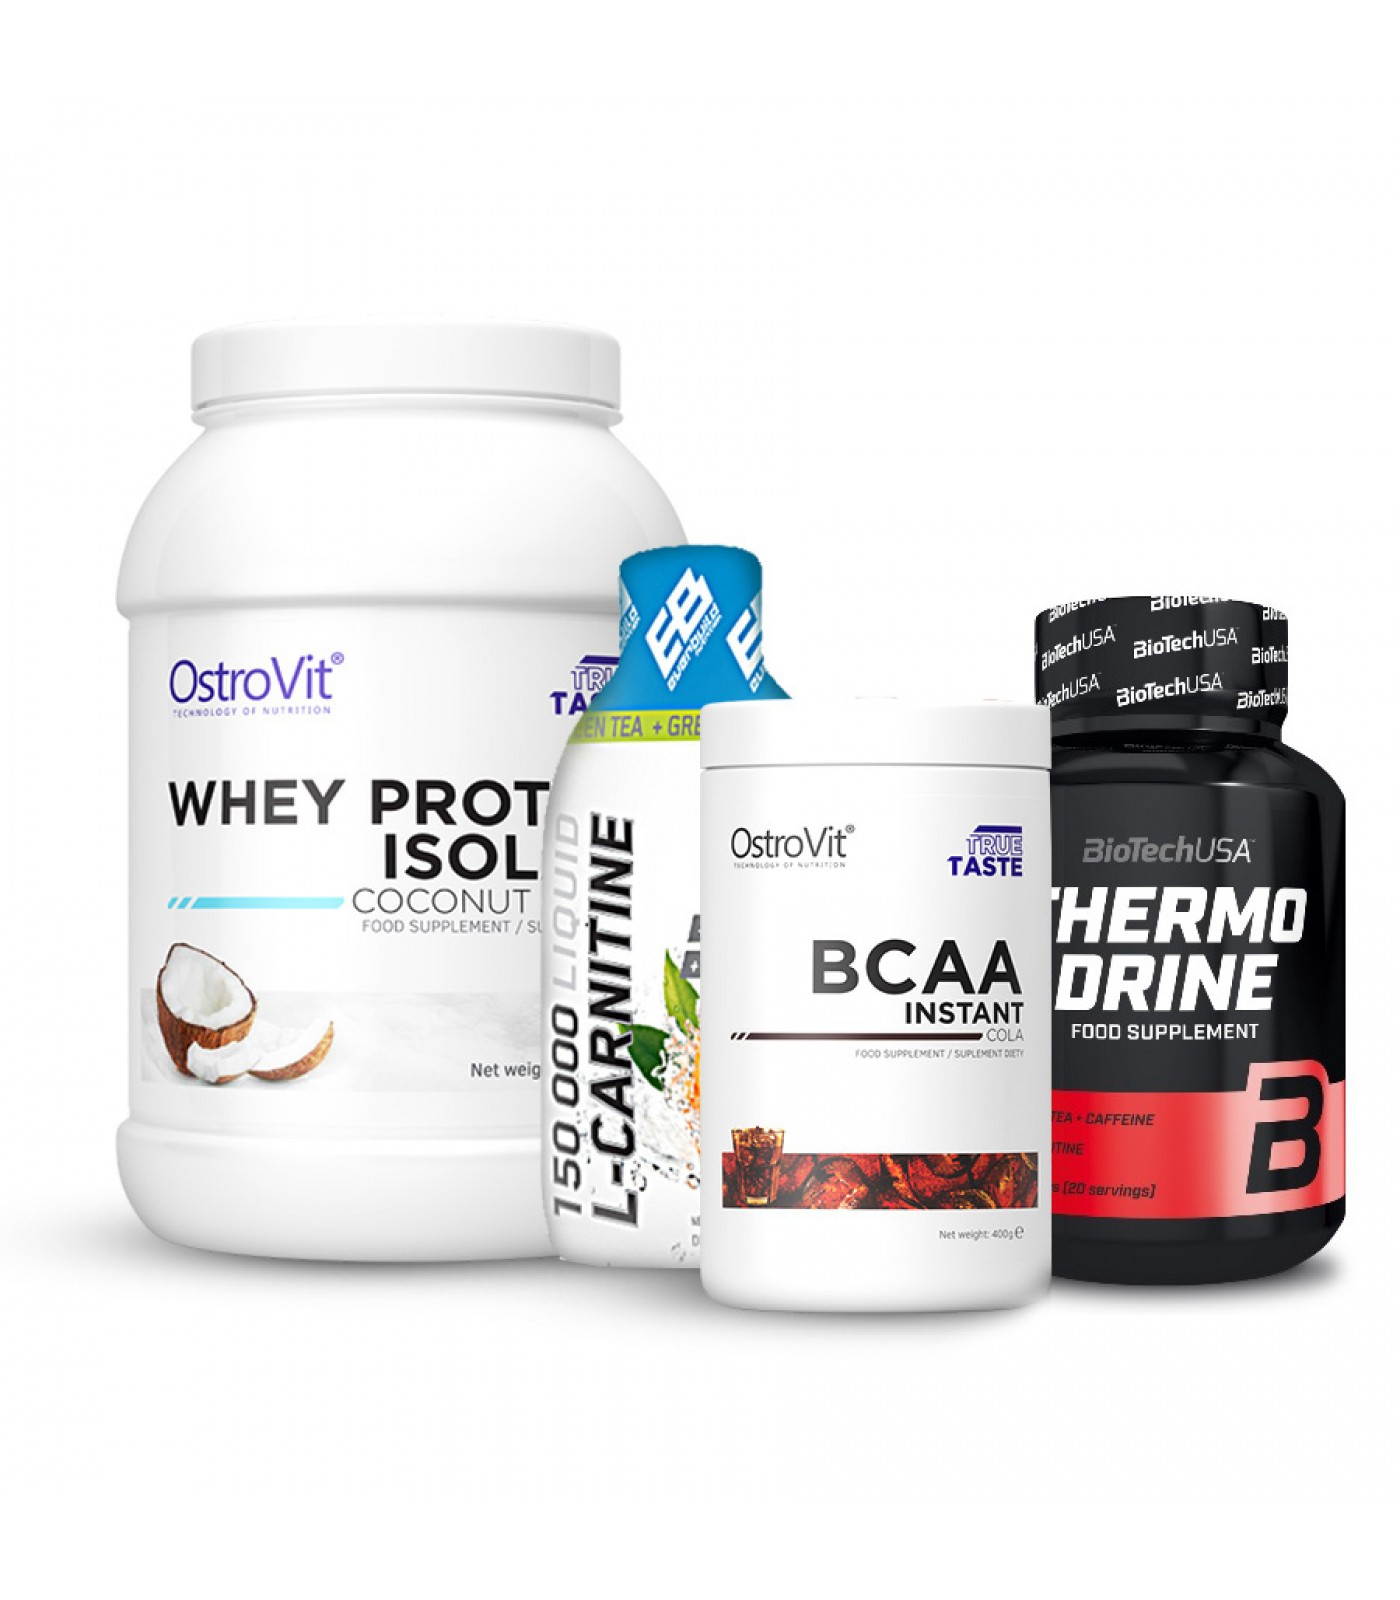 Стак All in one - Фет бърнър + Карнитин + БЦАА + протеин изолат